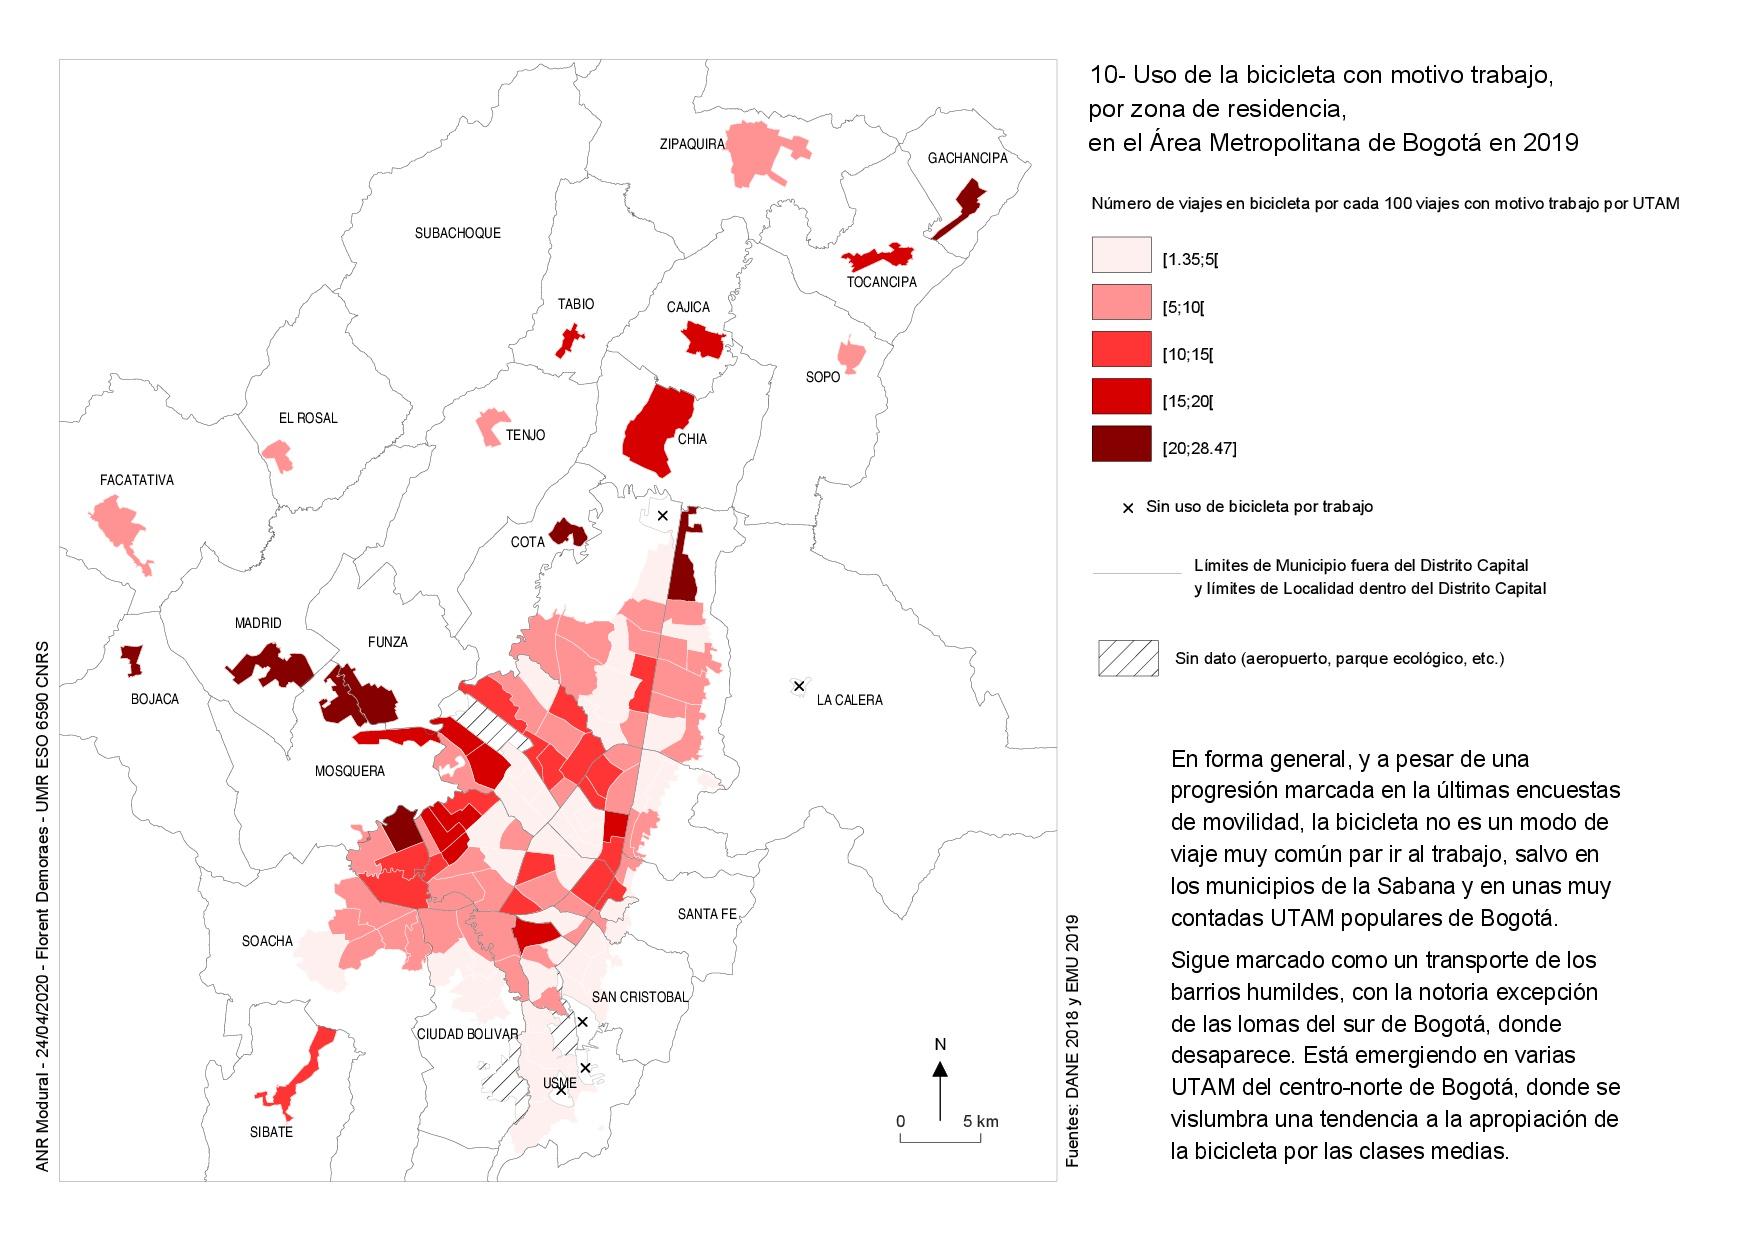 Mapa del uso de la bicicleta para ir al trabajo en Bogota